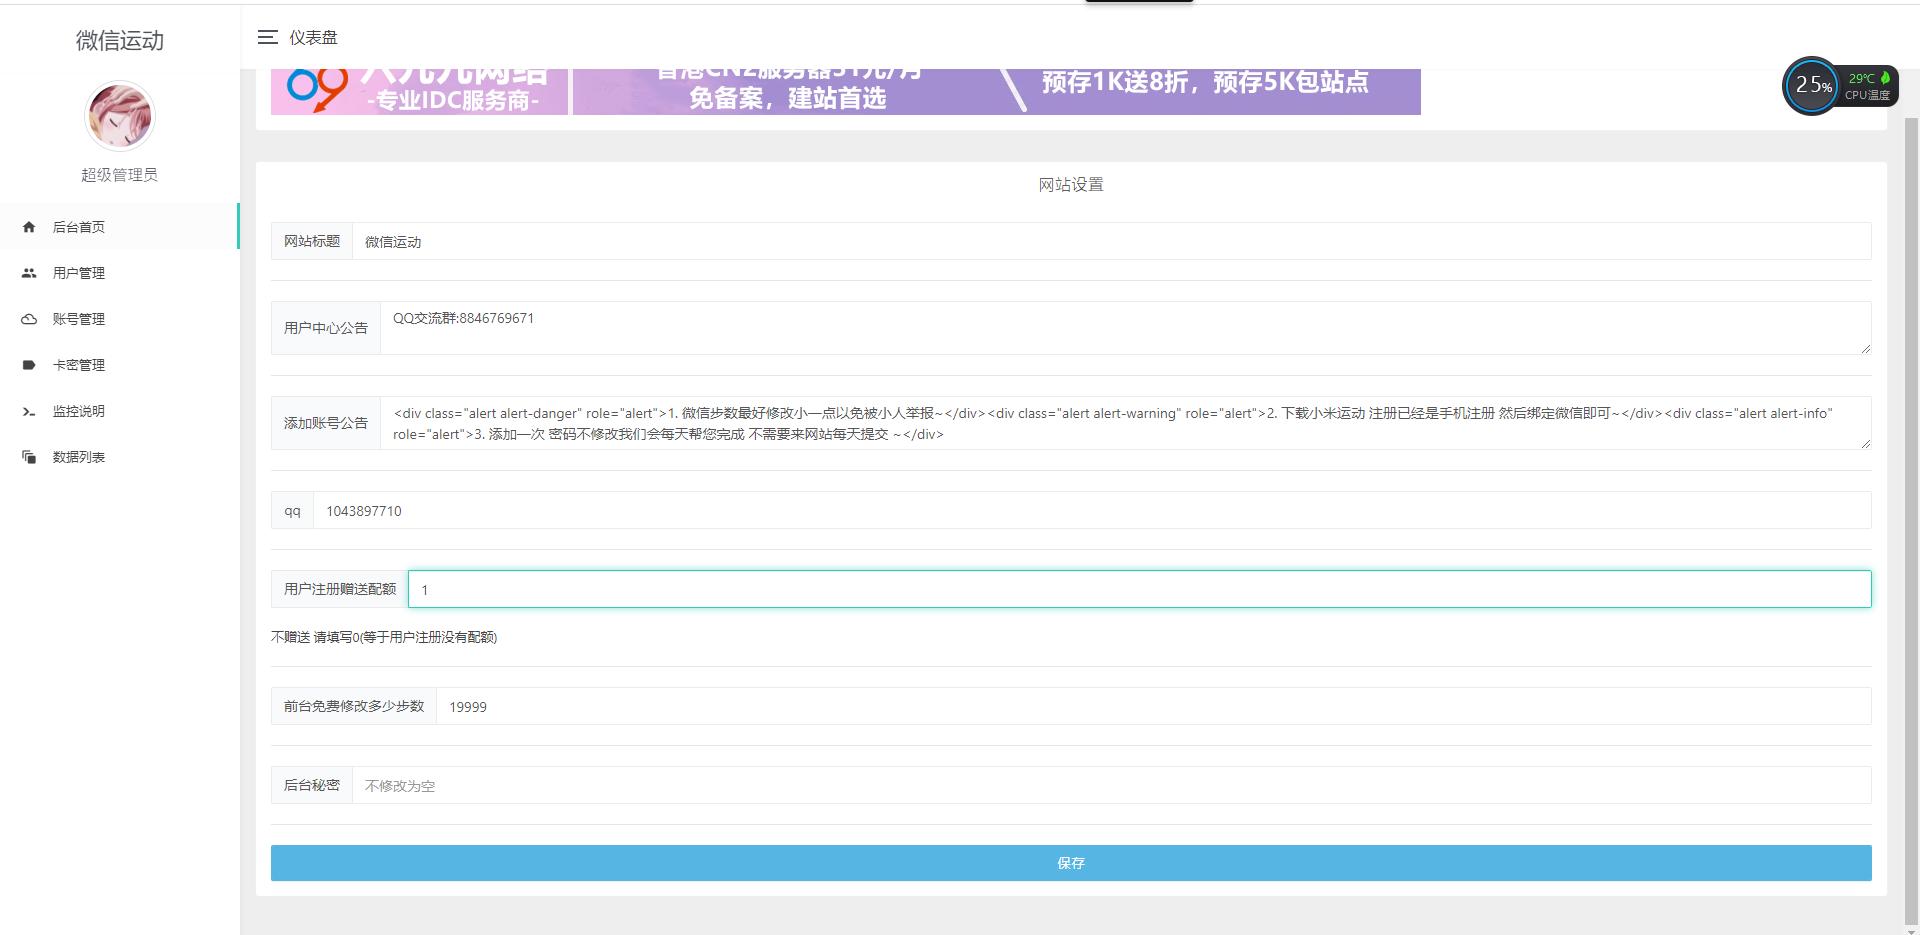 编号514:微信修改步数(卡密版)v1.2.1 PHP程序